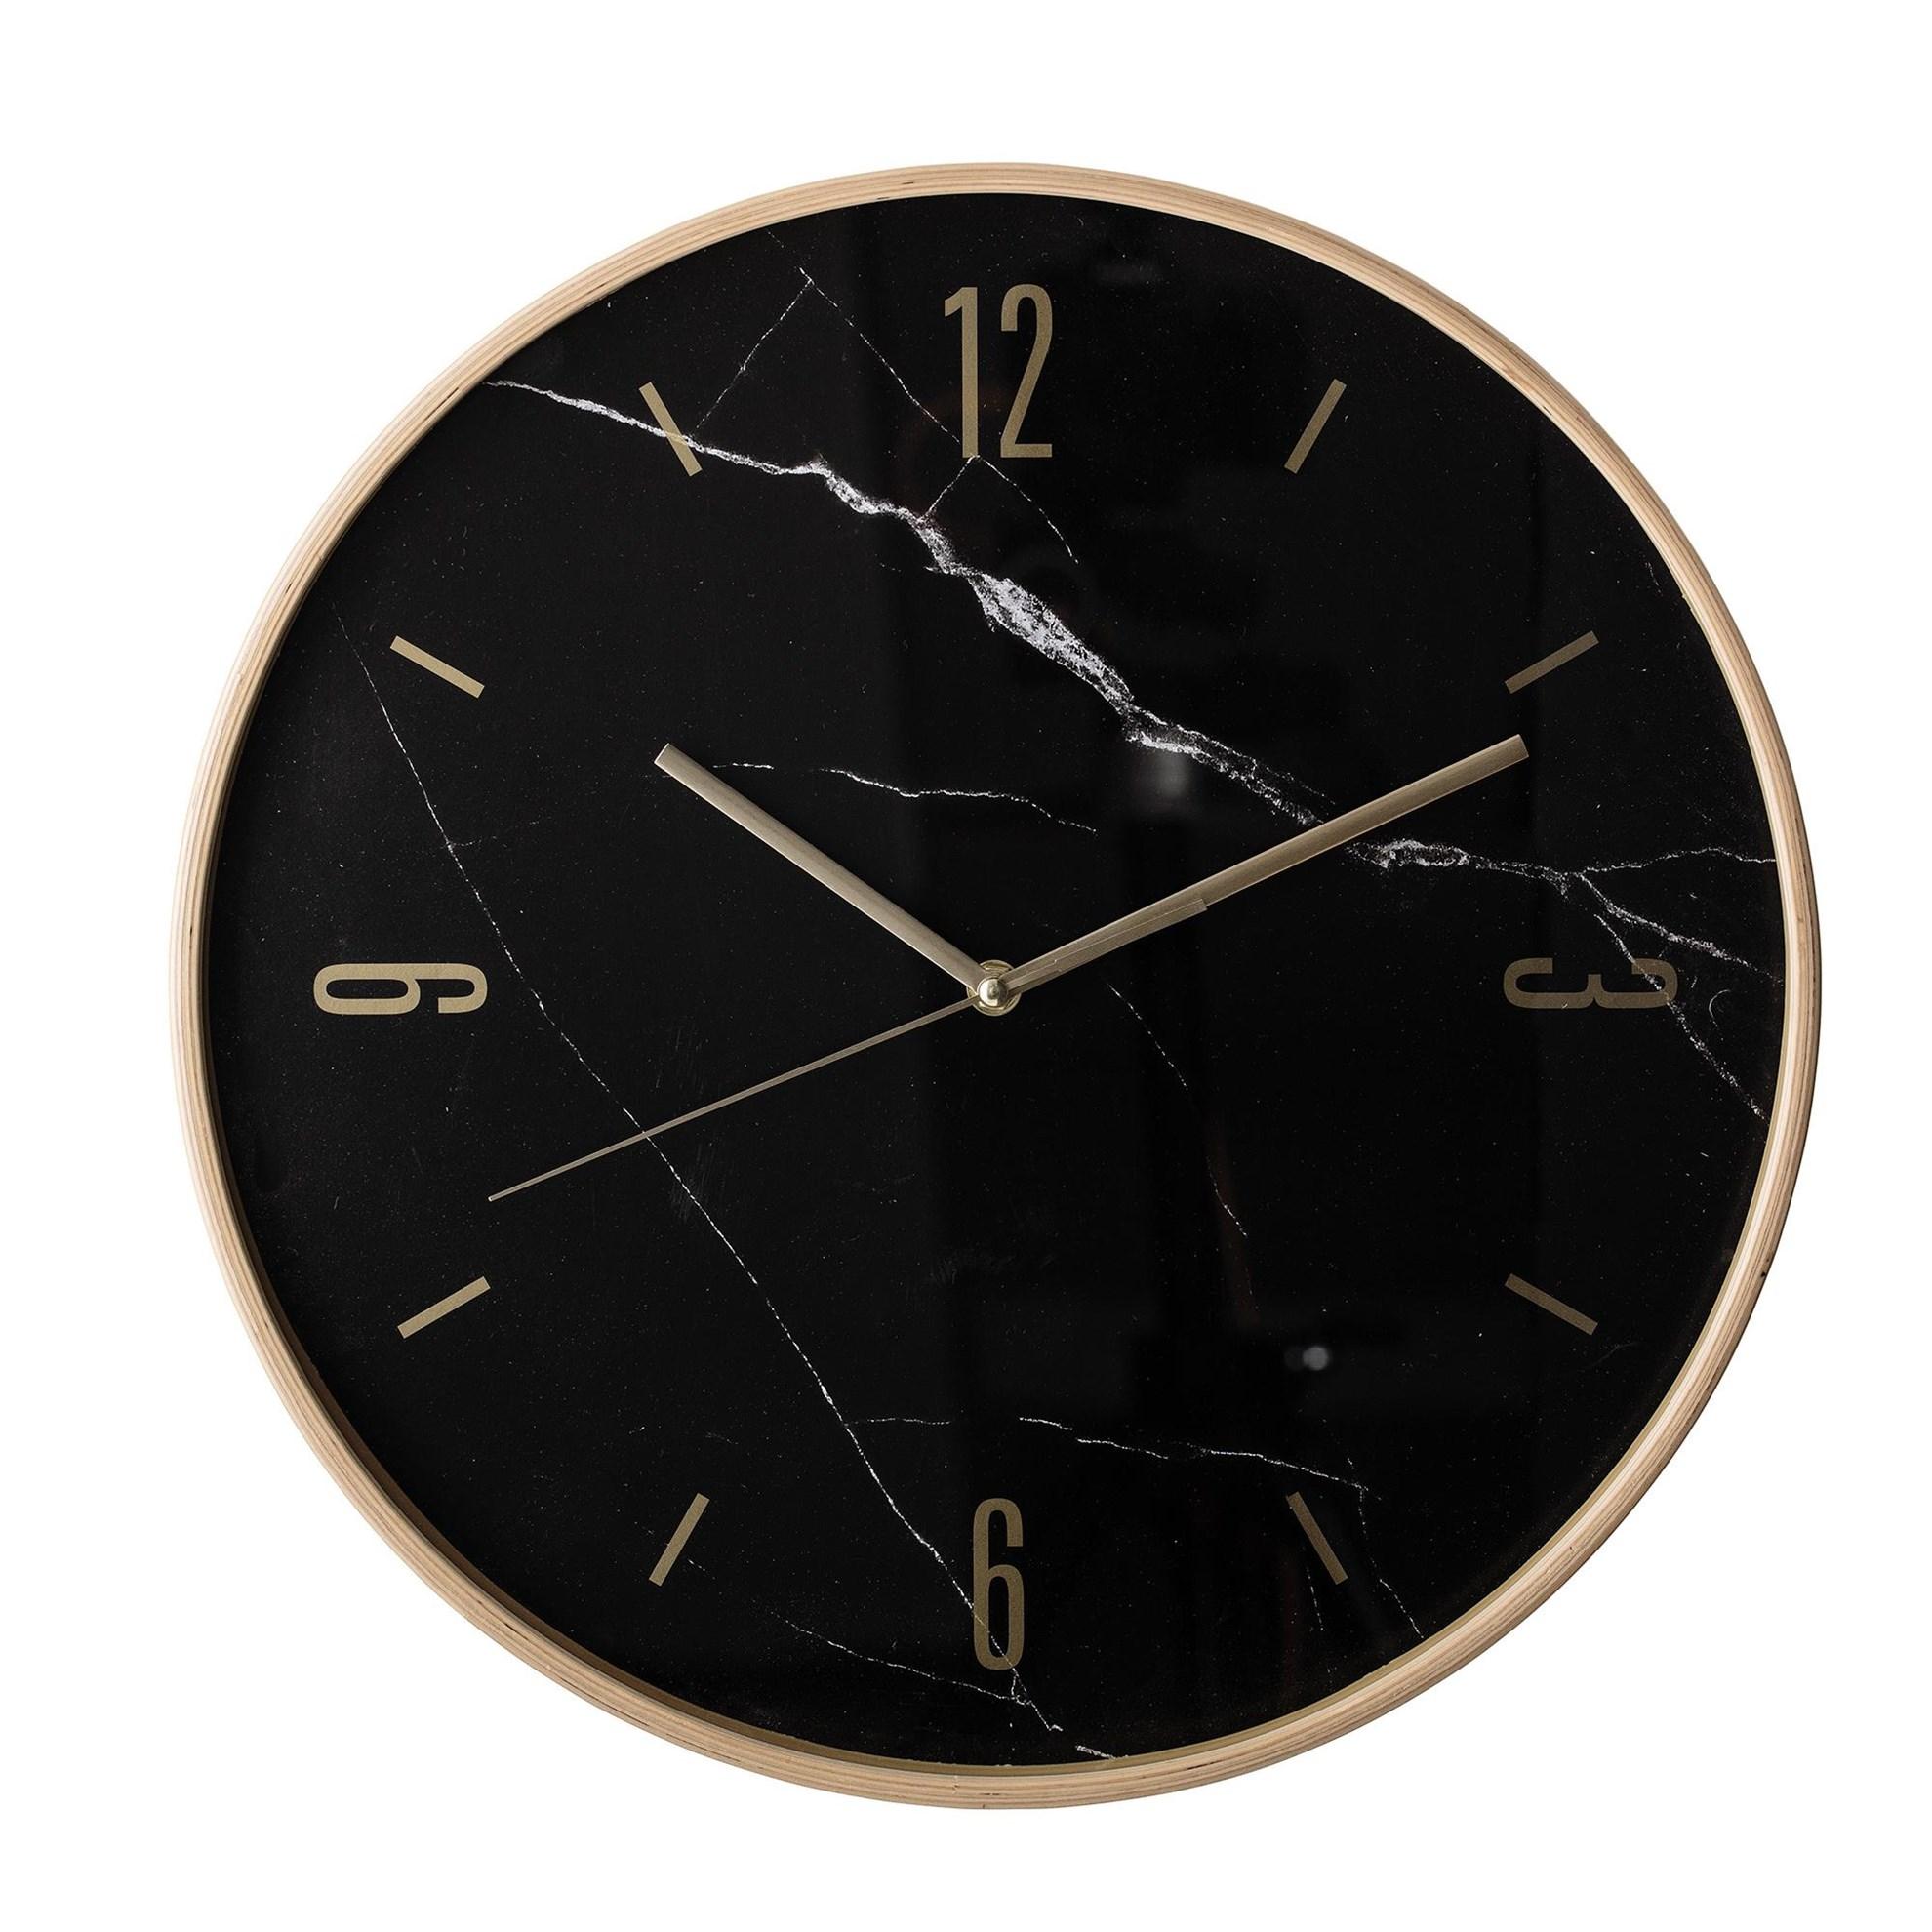 Nástěnné hodiny s mramorovým dekorem_2